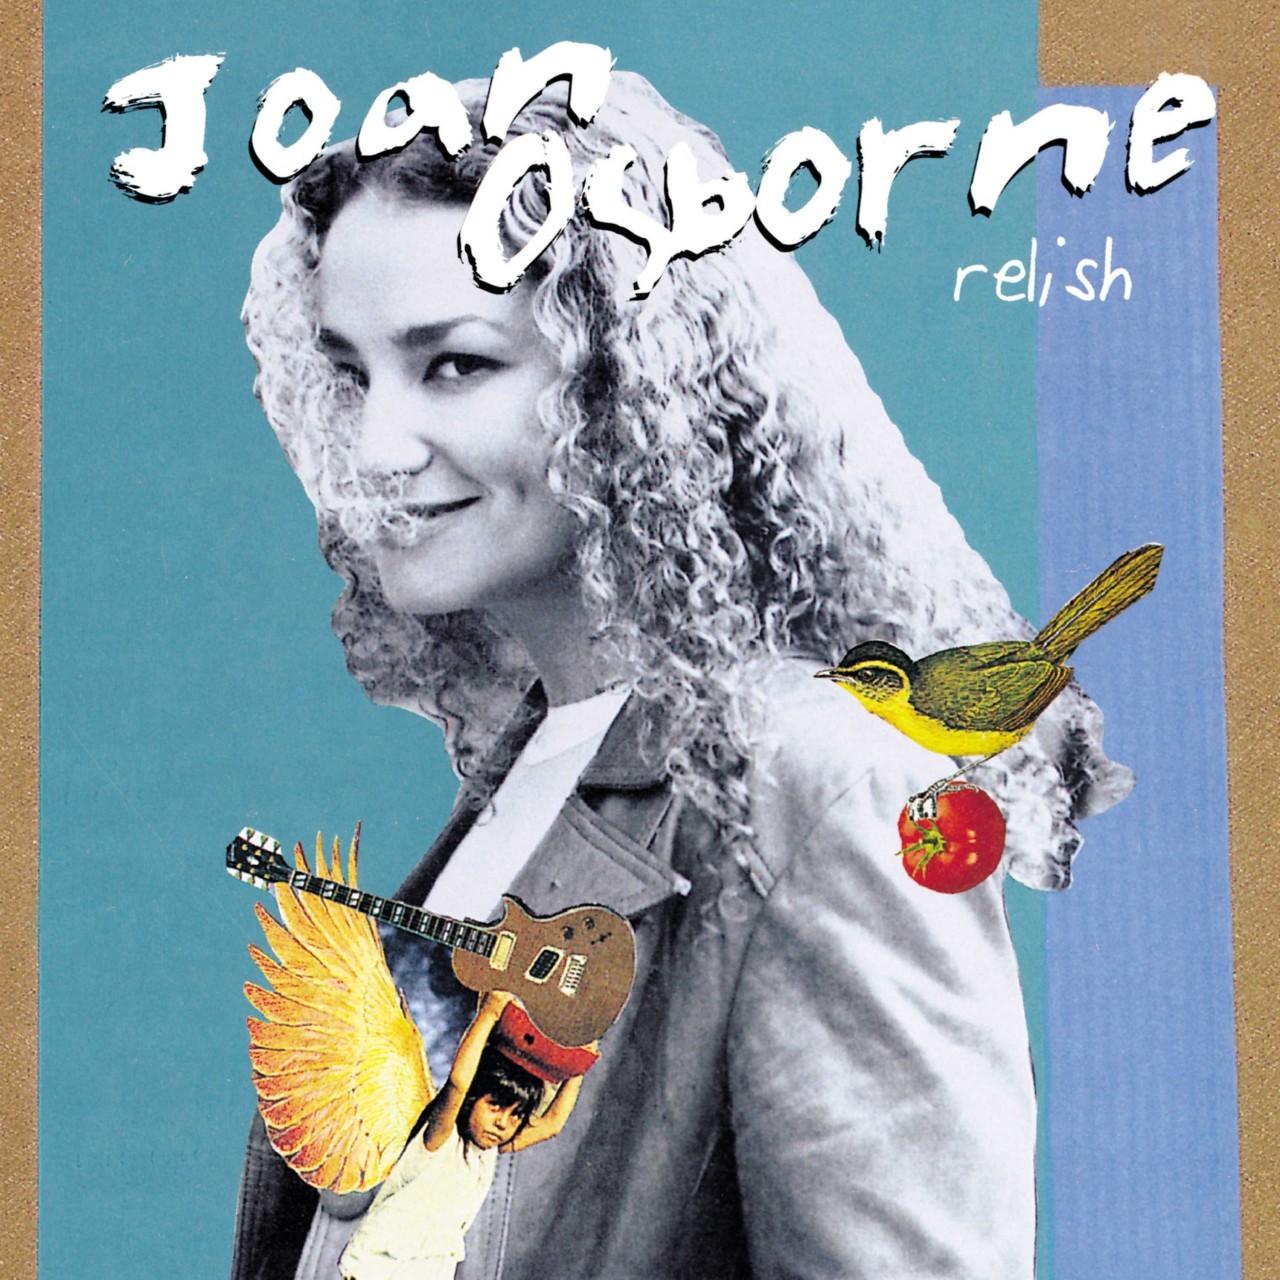 Joan Osborne - Relish 2XLP